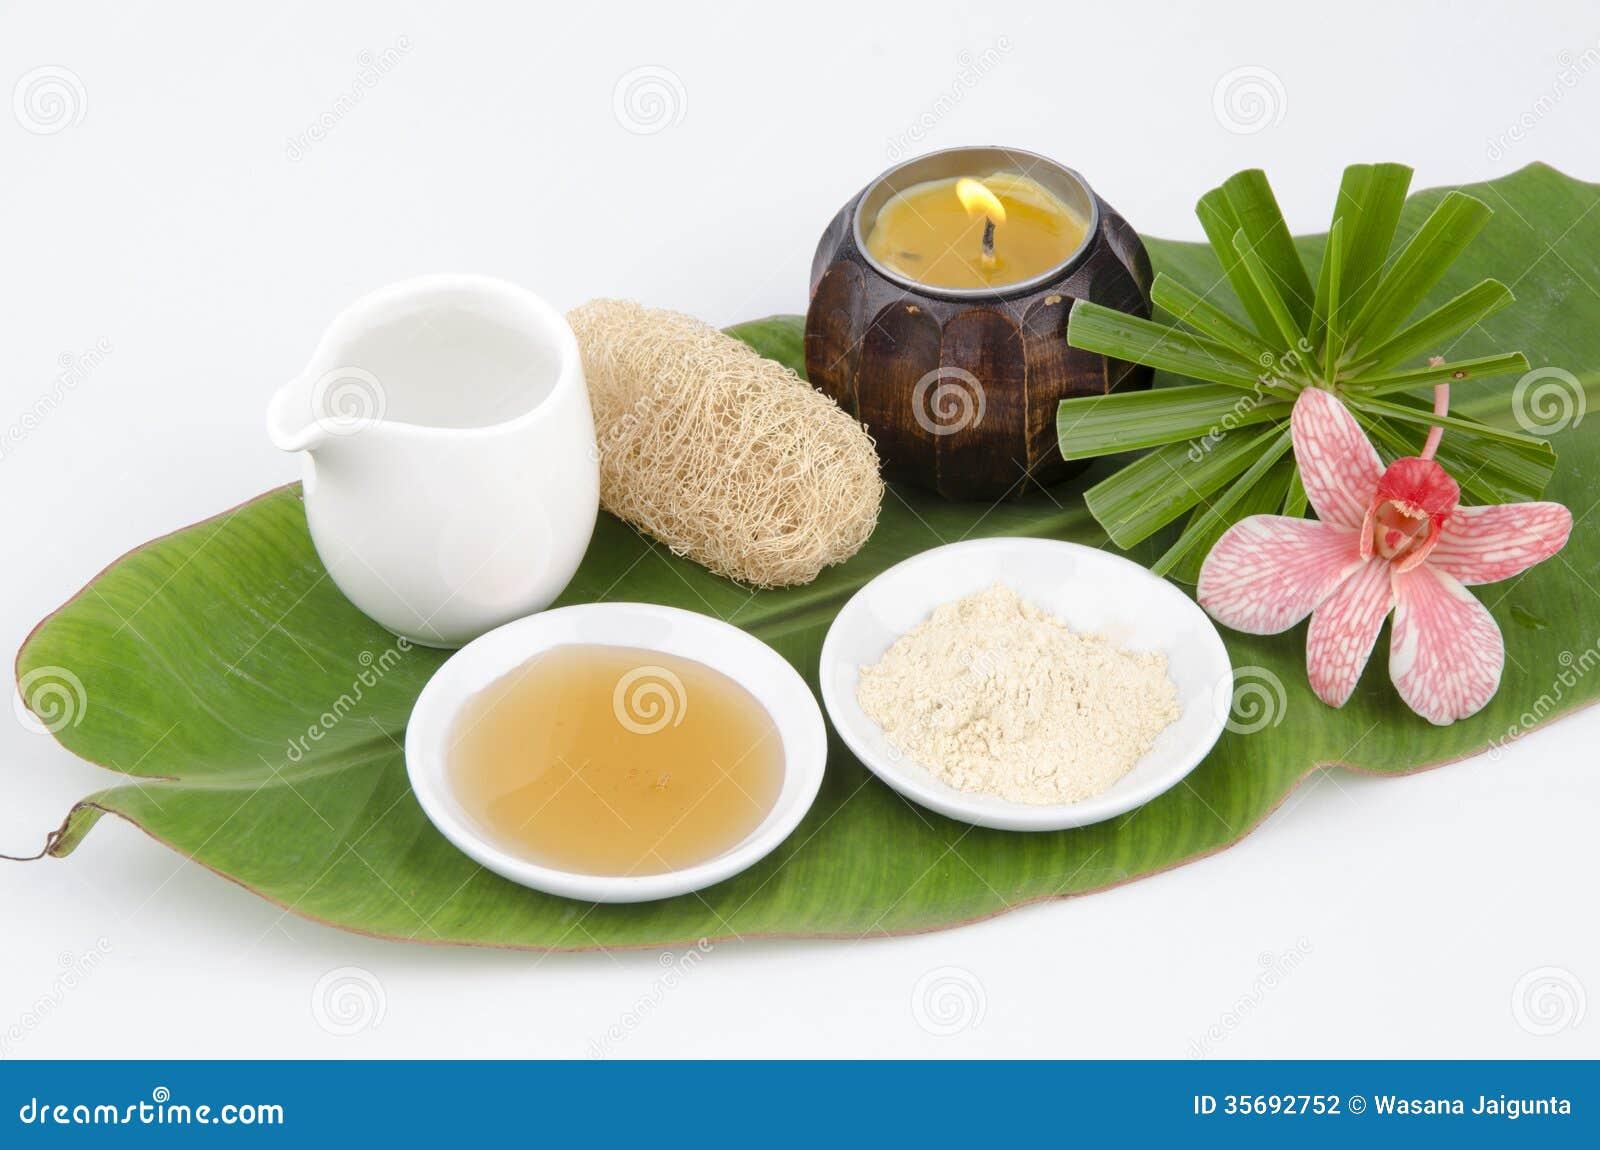 Face mask recipe with Tanaka, honey, water.